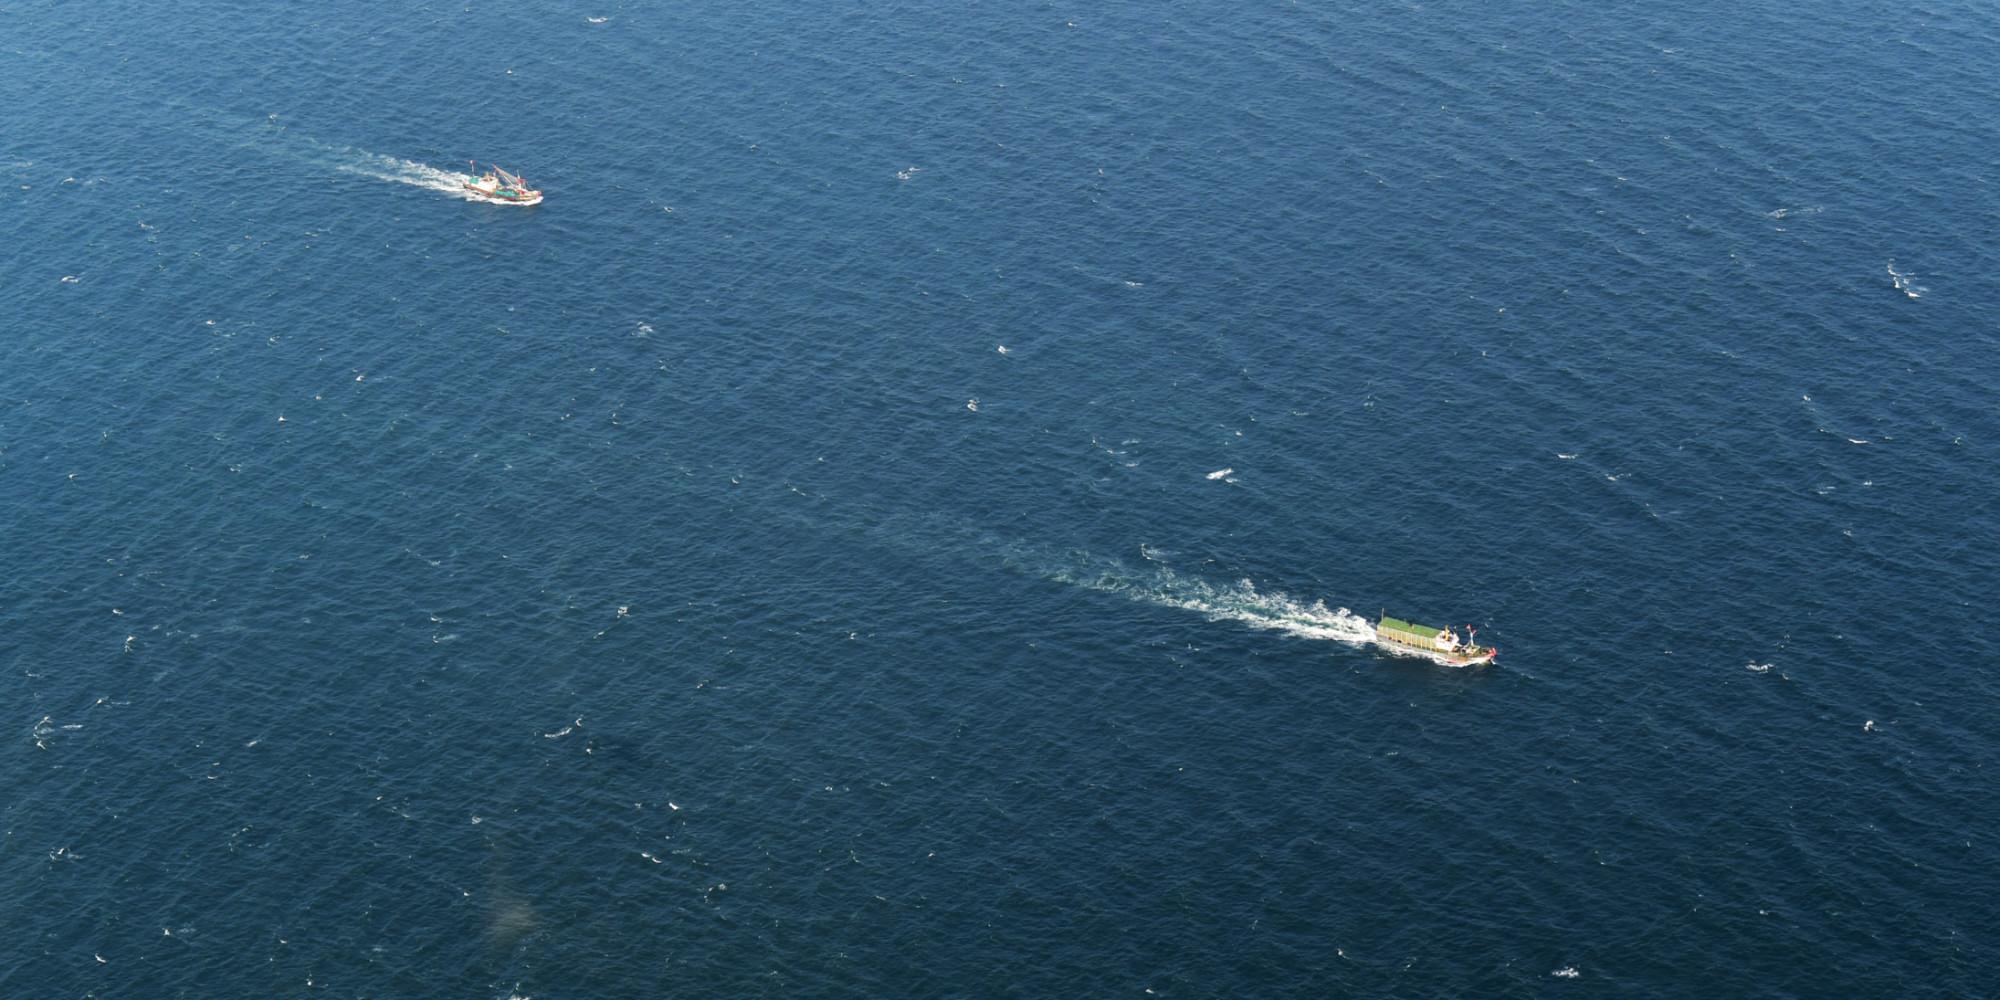 La mer de Chine abritera-t-elle la prochaine guerre des grandes puissances?